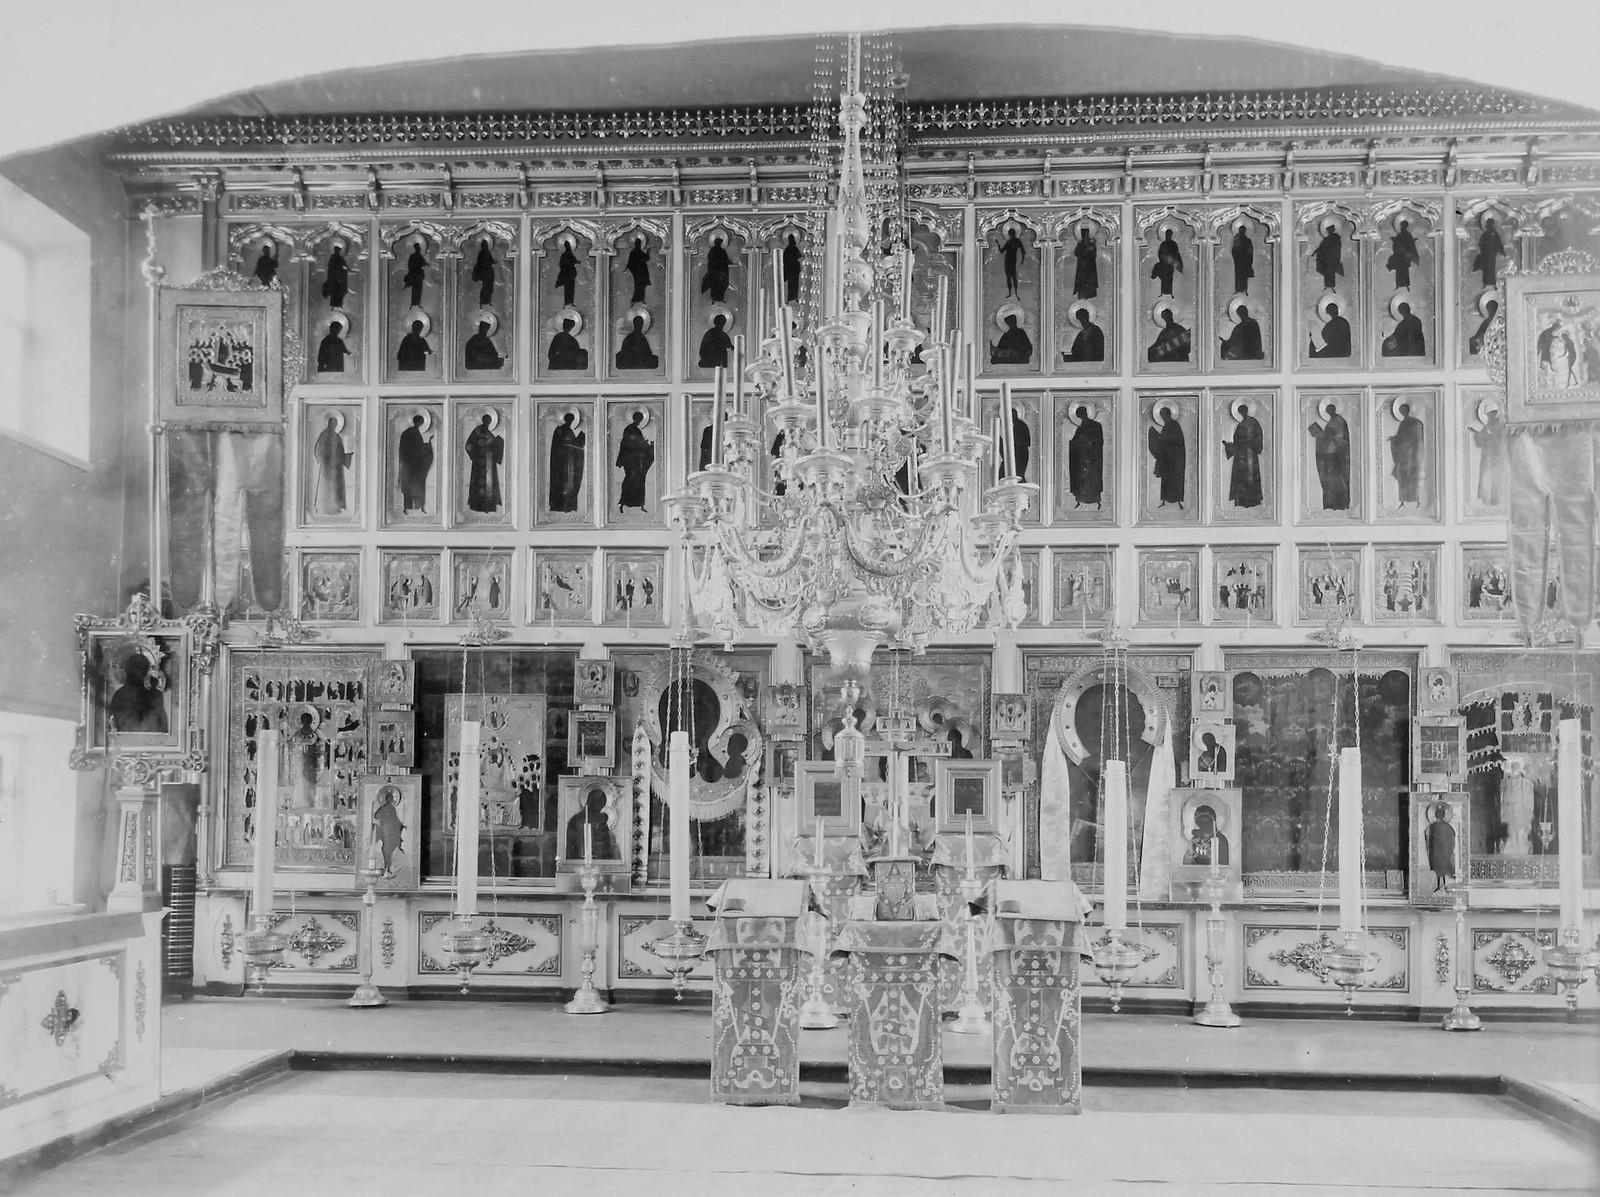 Соборная часовня (старообрядцев-беспоповцев поморского брачного согласия) в честь Успения Пресвятой Богородицы